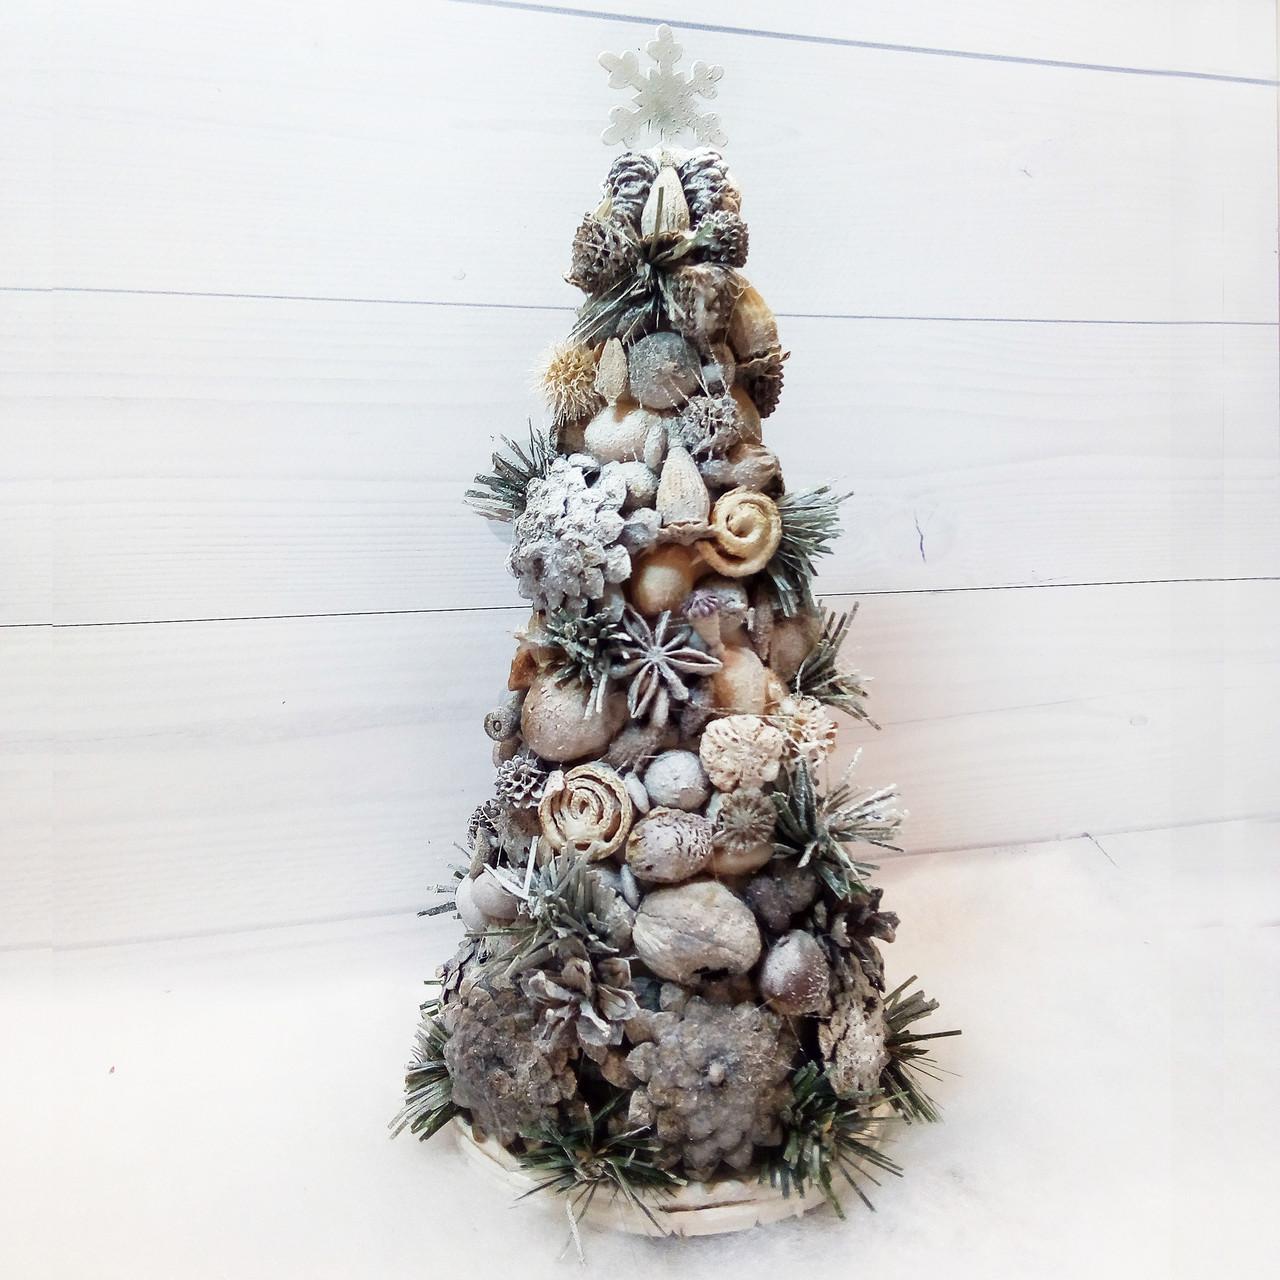 2c7585f2c4c9 Новогодняя елка в эко-стиле из природных материалов Подарки ручной работы  на новый год -